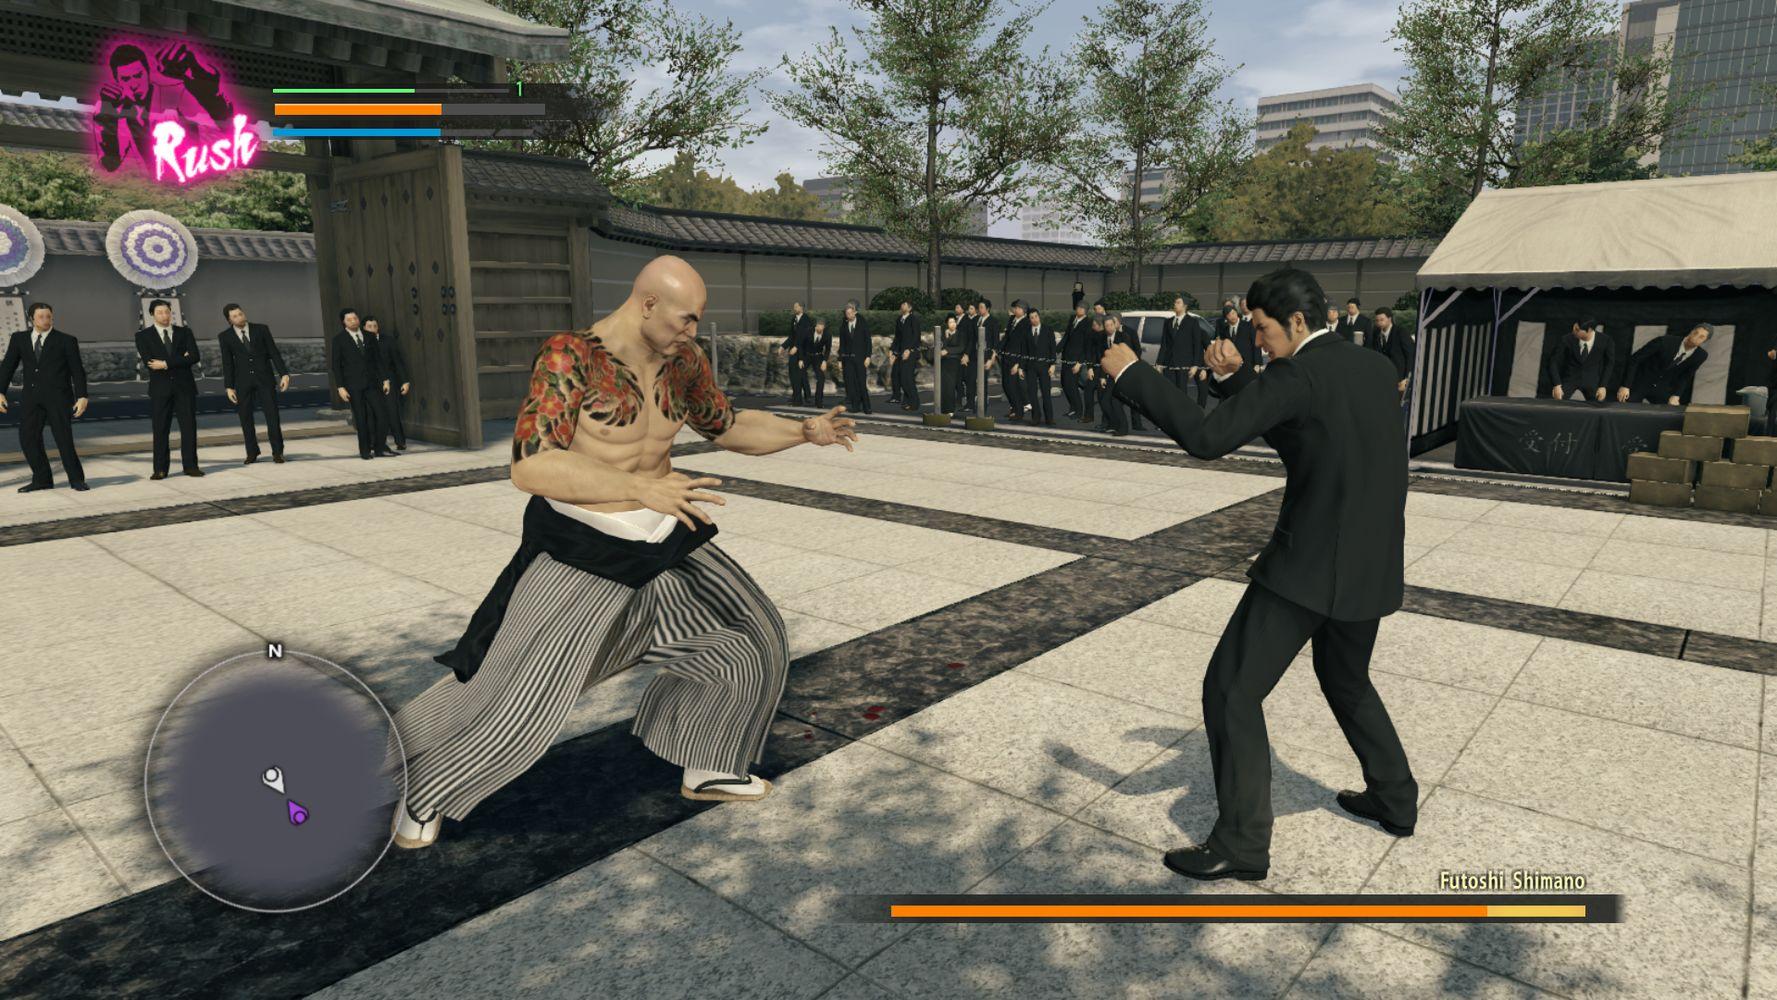 Kiryu contro Shimano al funerale di Sera